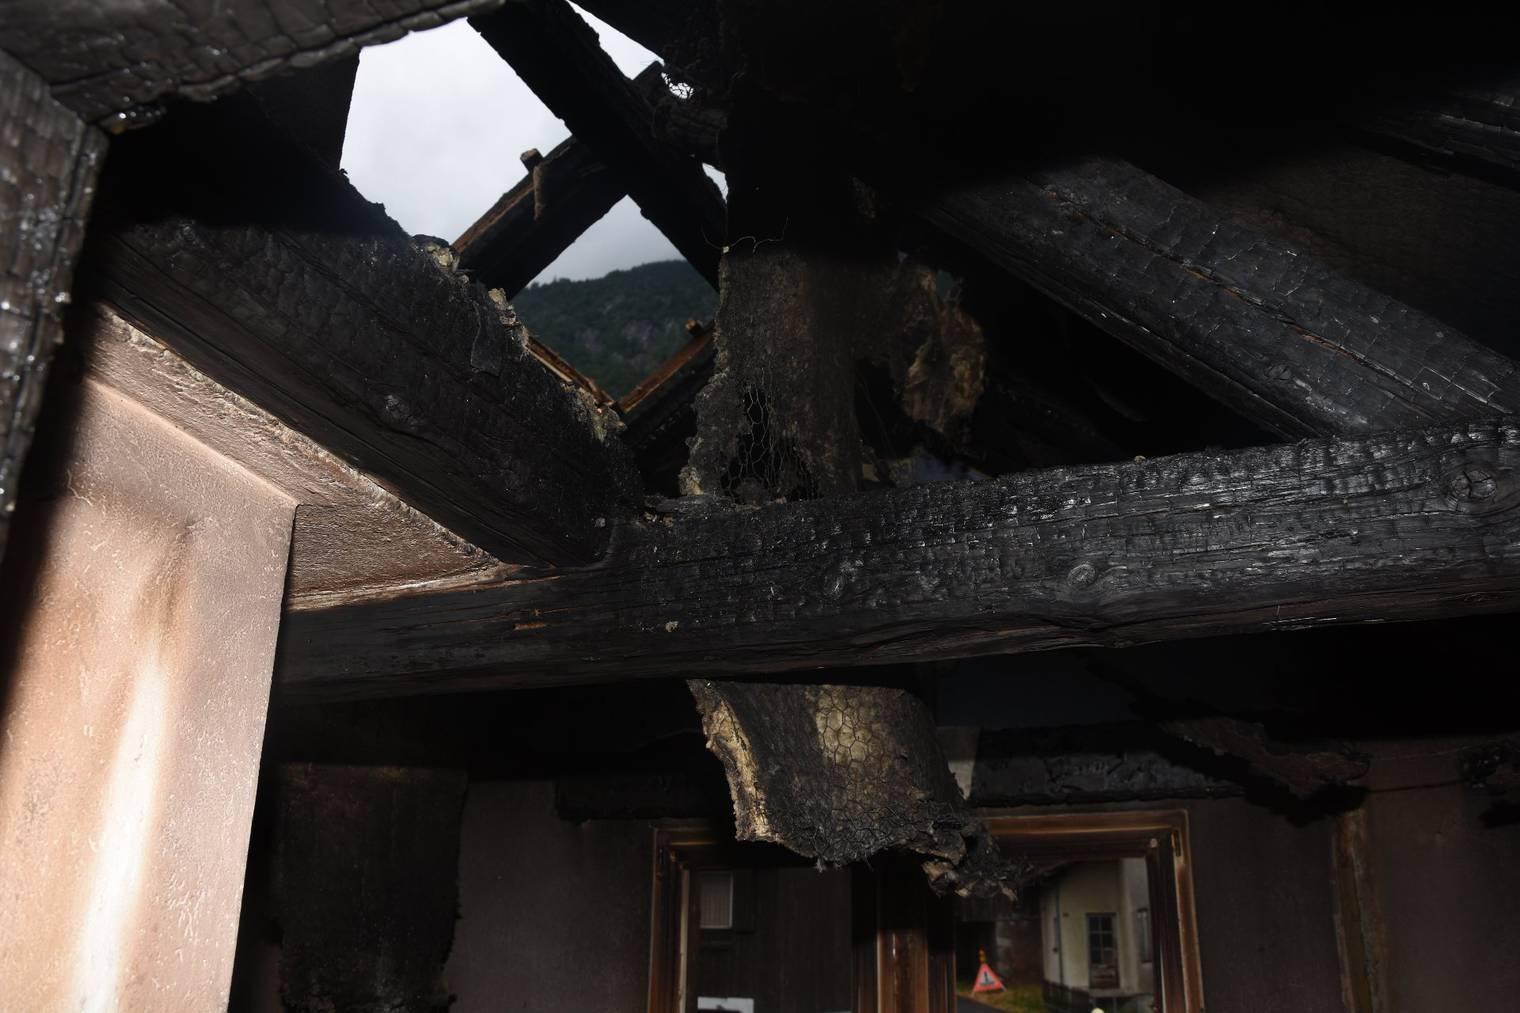 Die genaue Ursache des Brandes im Einfamilienhaus wird nun abgeklärt. (Bild: Kapo SG)